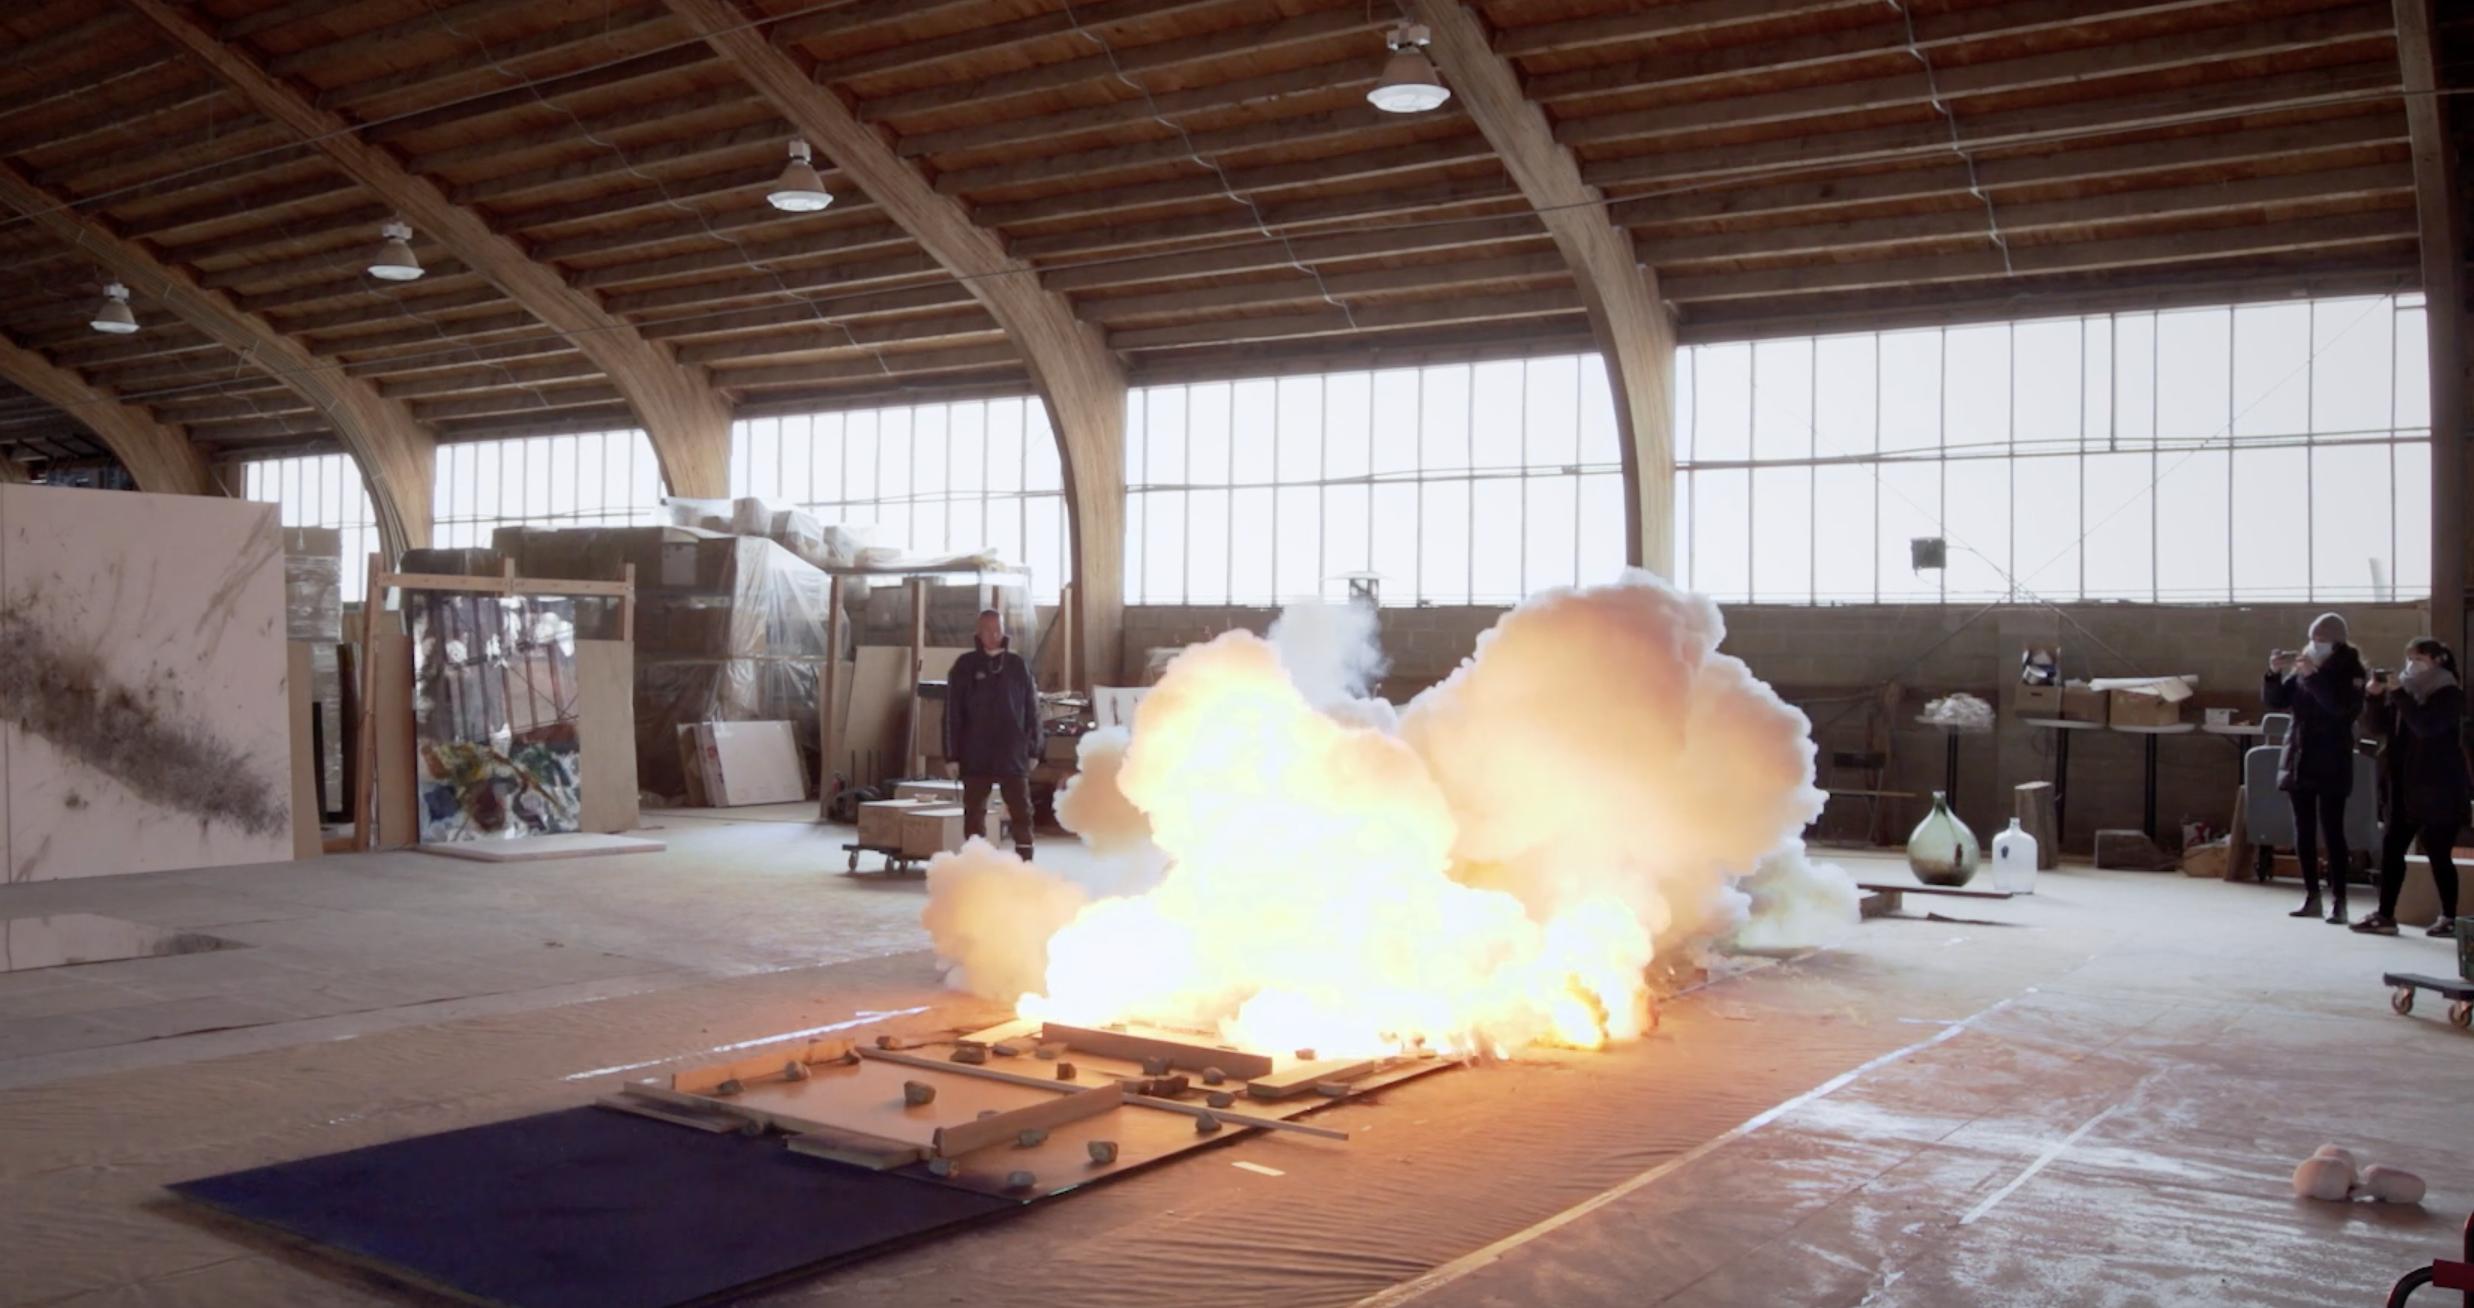 Guggenheim di New York. Cai Guo-Qiang dà fuoco a nuove opere ispirate alle icone dell'astrattismo